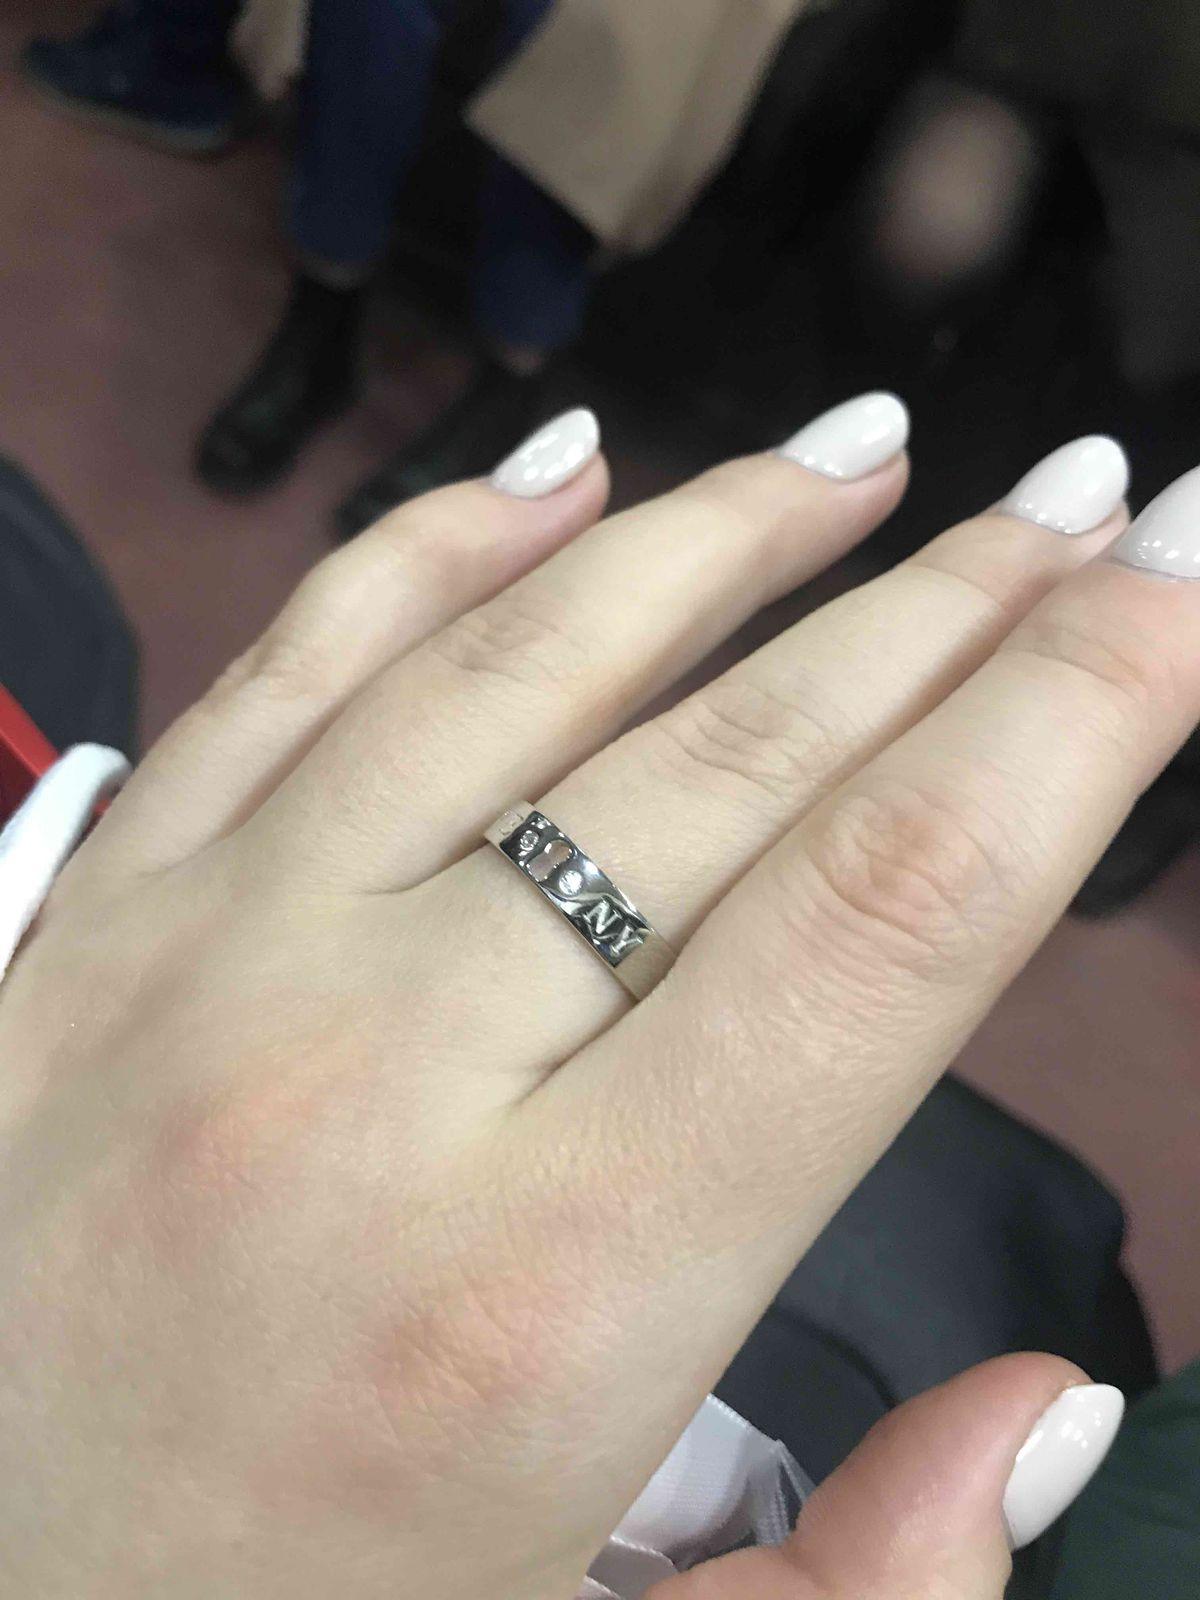 Идеальное кольцо! Моя мечта!